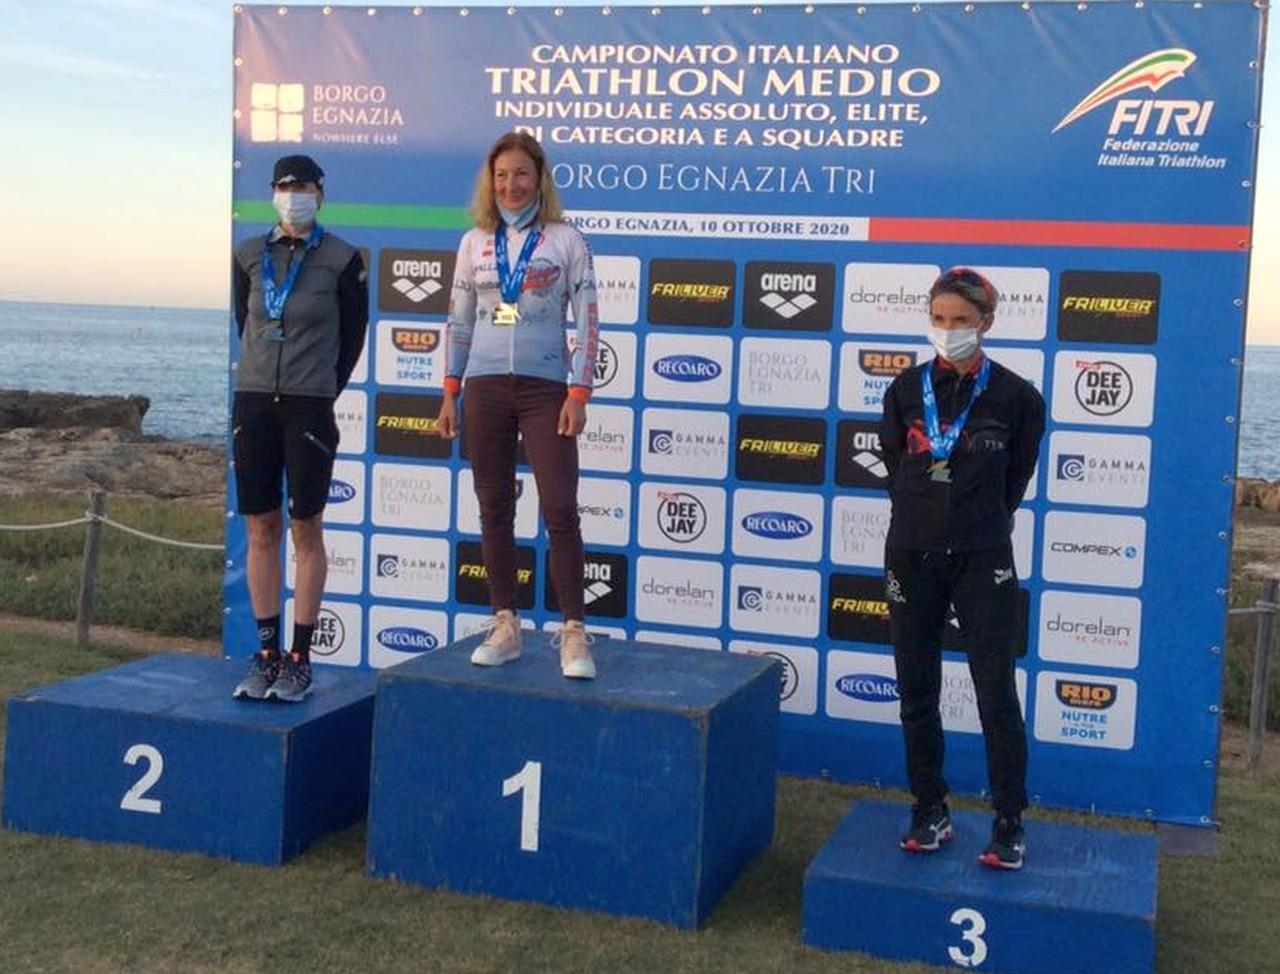 Campionati Italiani Triathlon Medio, Borgo Egnazia Half Tri, 10 ottobre 2020, podio Master 3 donne